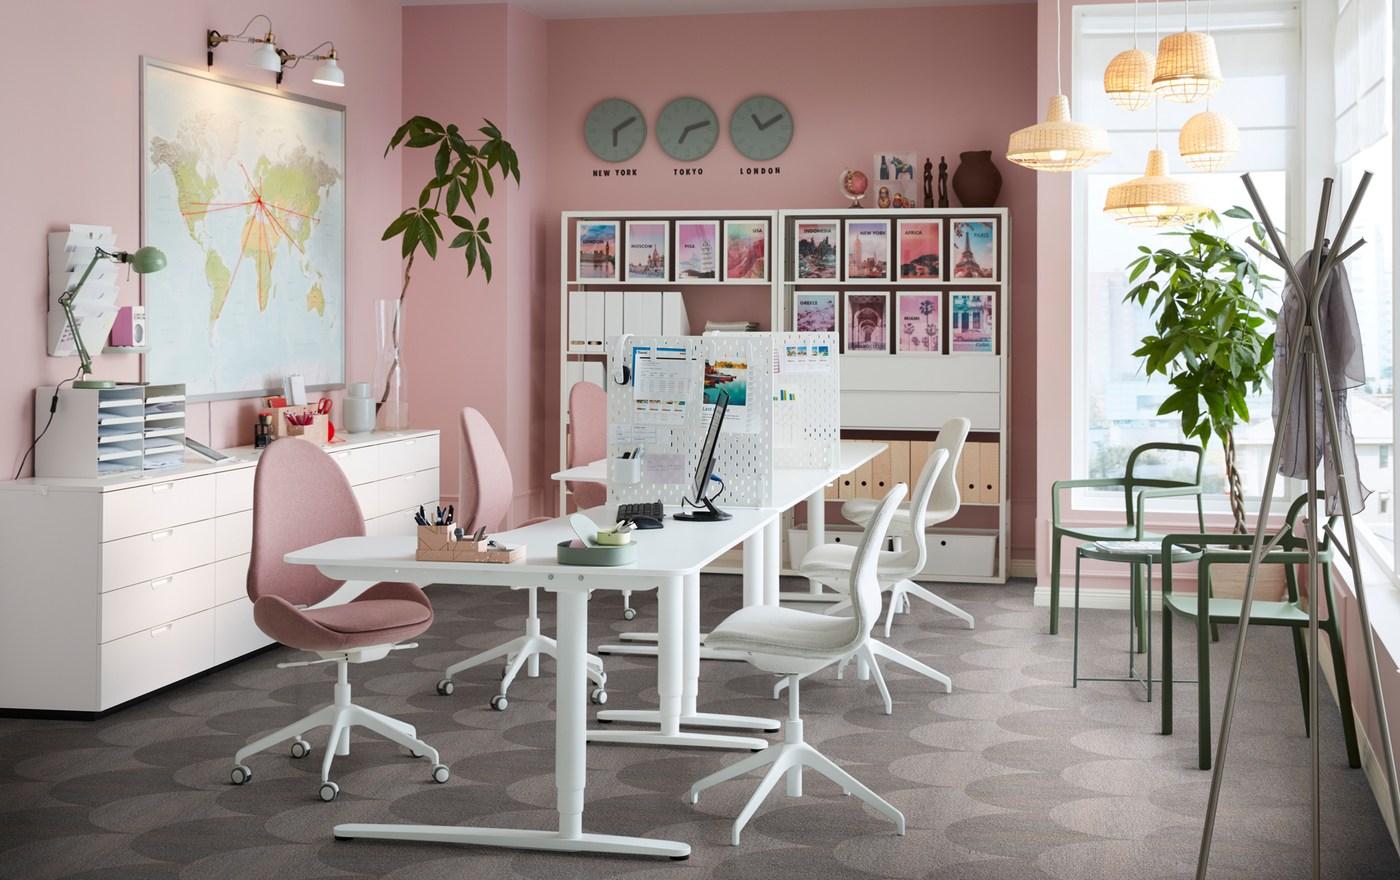 مساحة مكتبية ذات جدران وردية ومكاتب عمل BEKANT بيضاء، مع كراسي دوارة من HATTEFJÄLL.